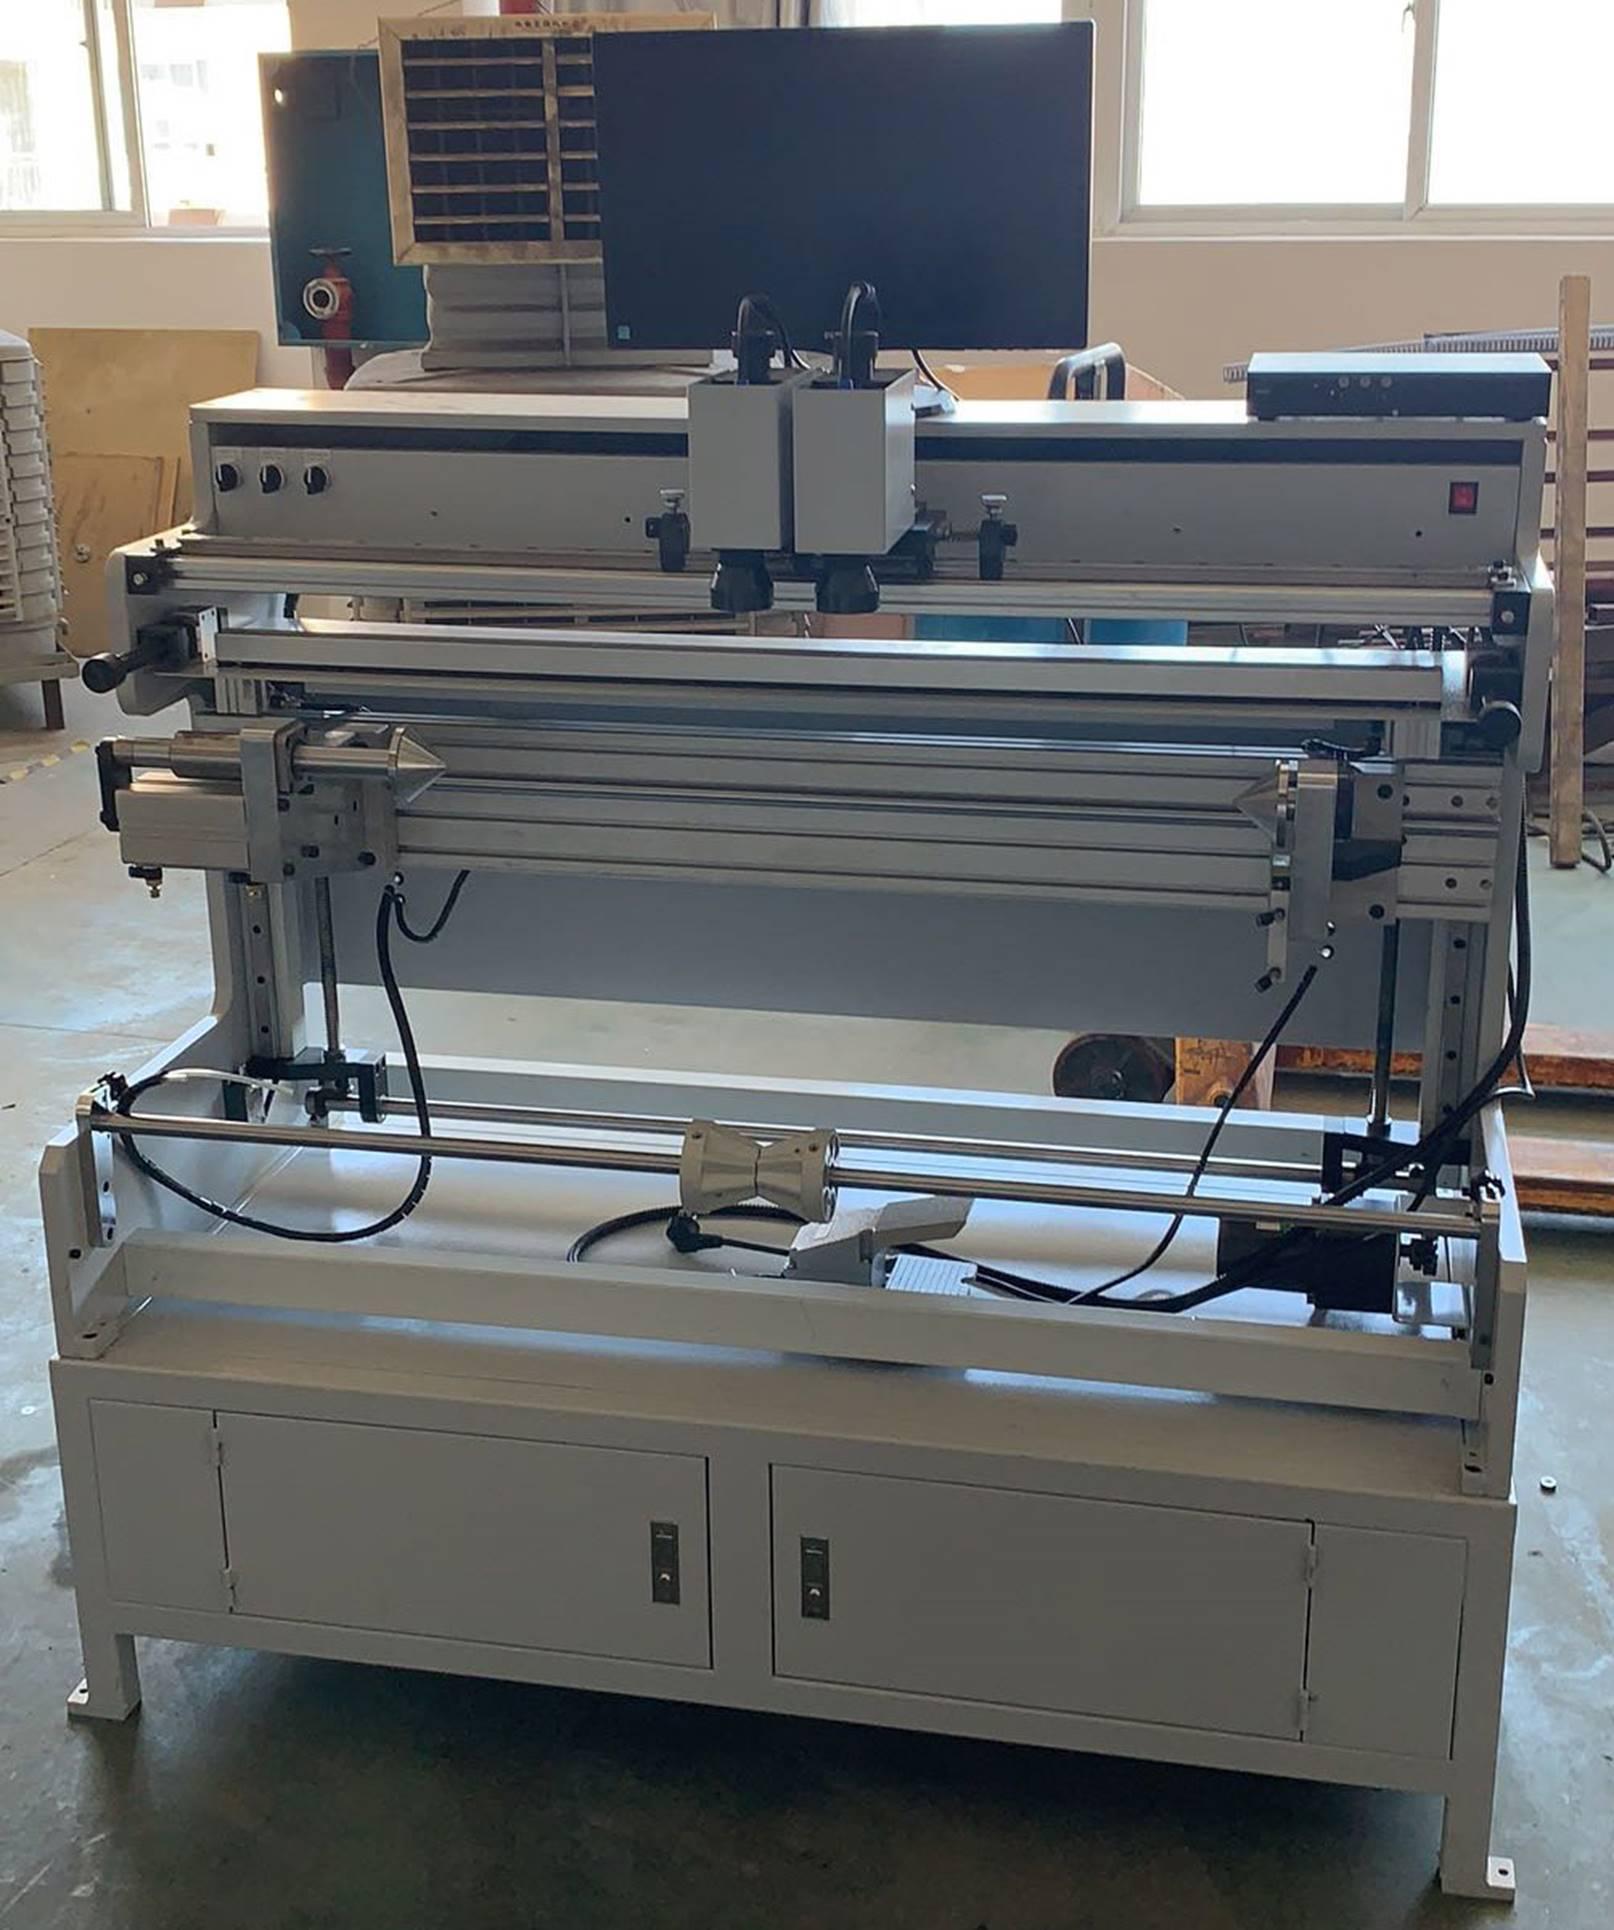 Система наклейки флексографских форм на формные цилиндры и гильзы SM-450 - подробные фотографии и видео работы - монтажный стол для флексографских форм – стол для монтажа флексографских форм. Фотография 1.